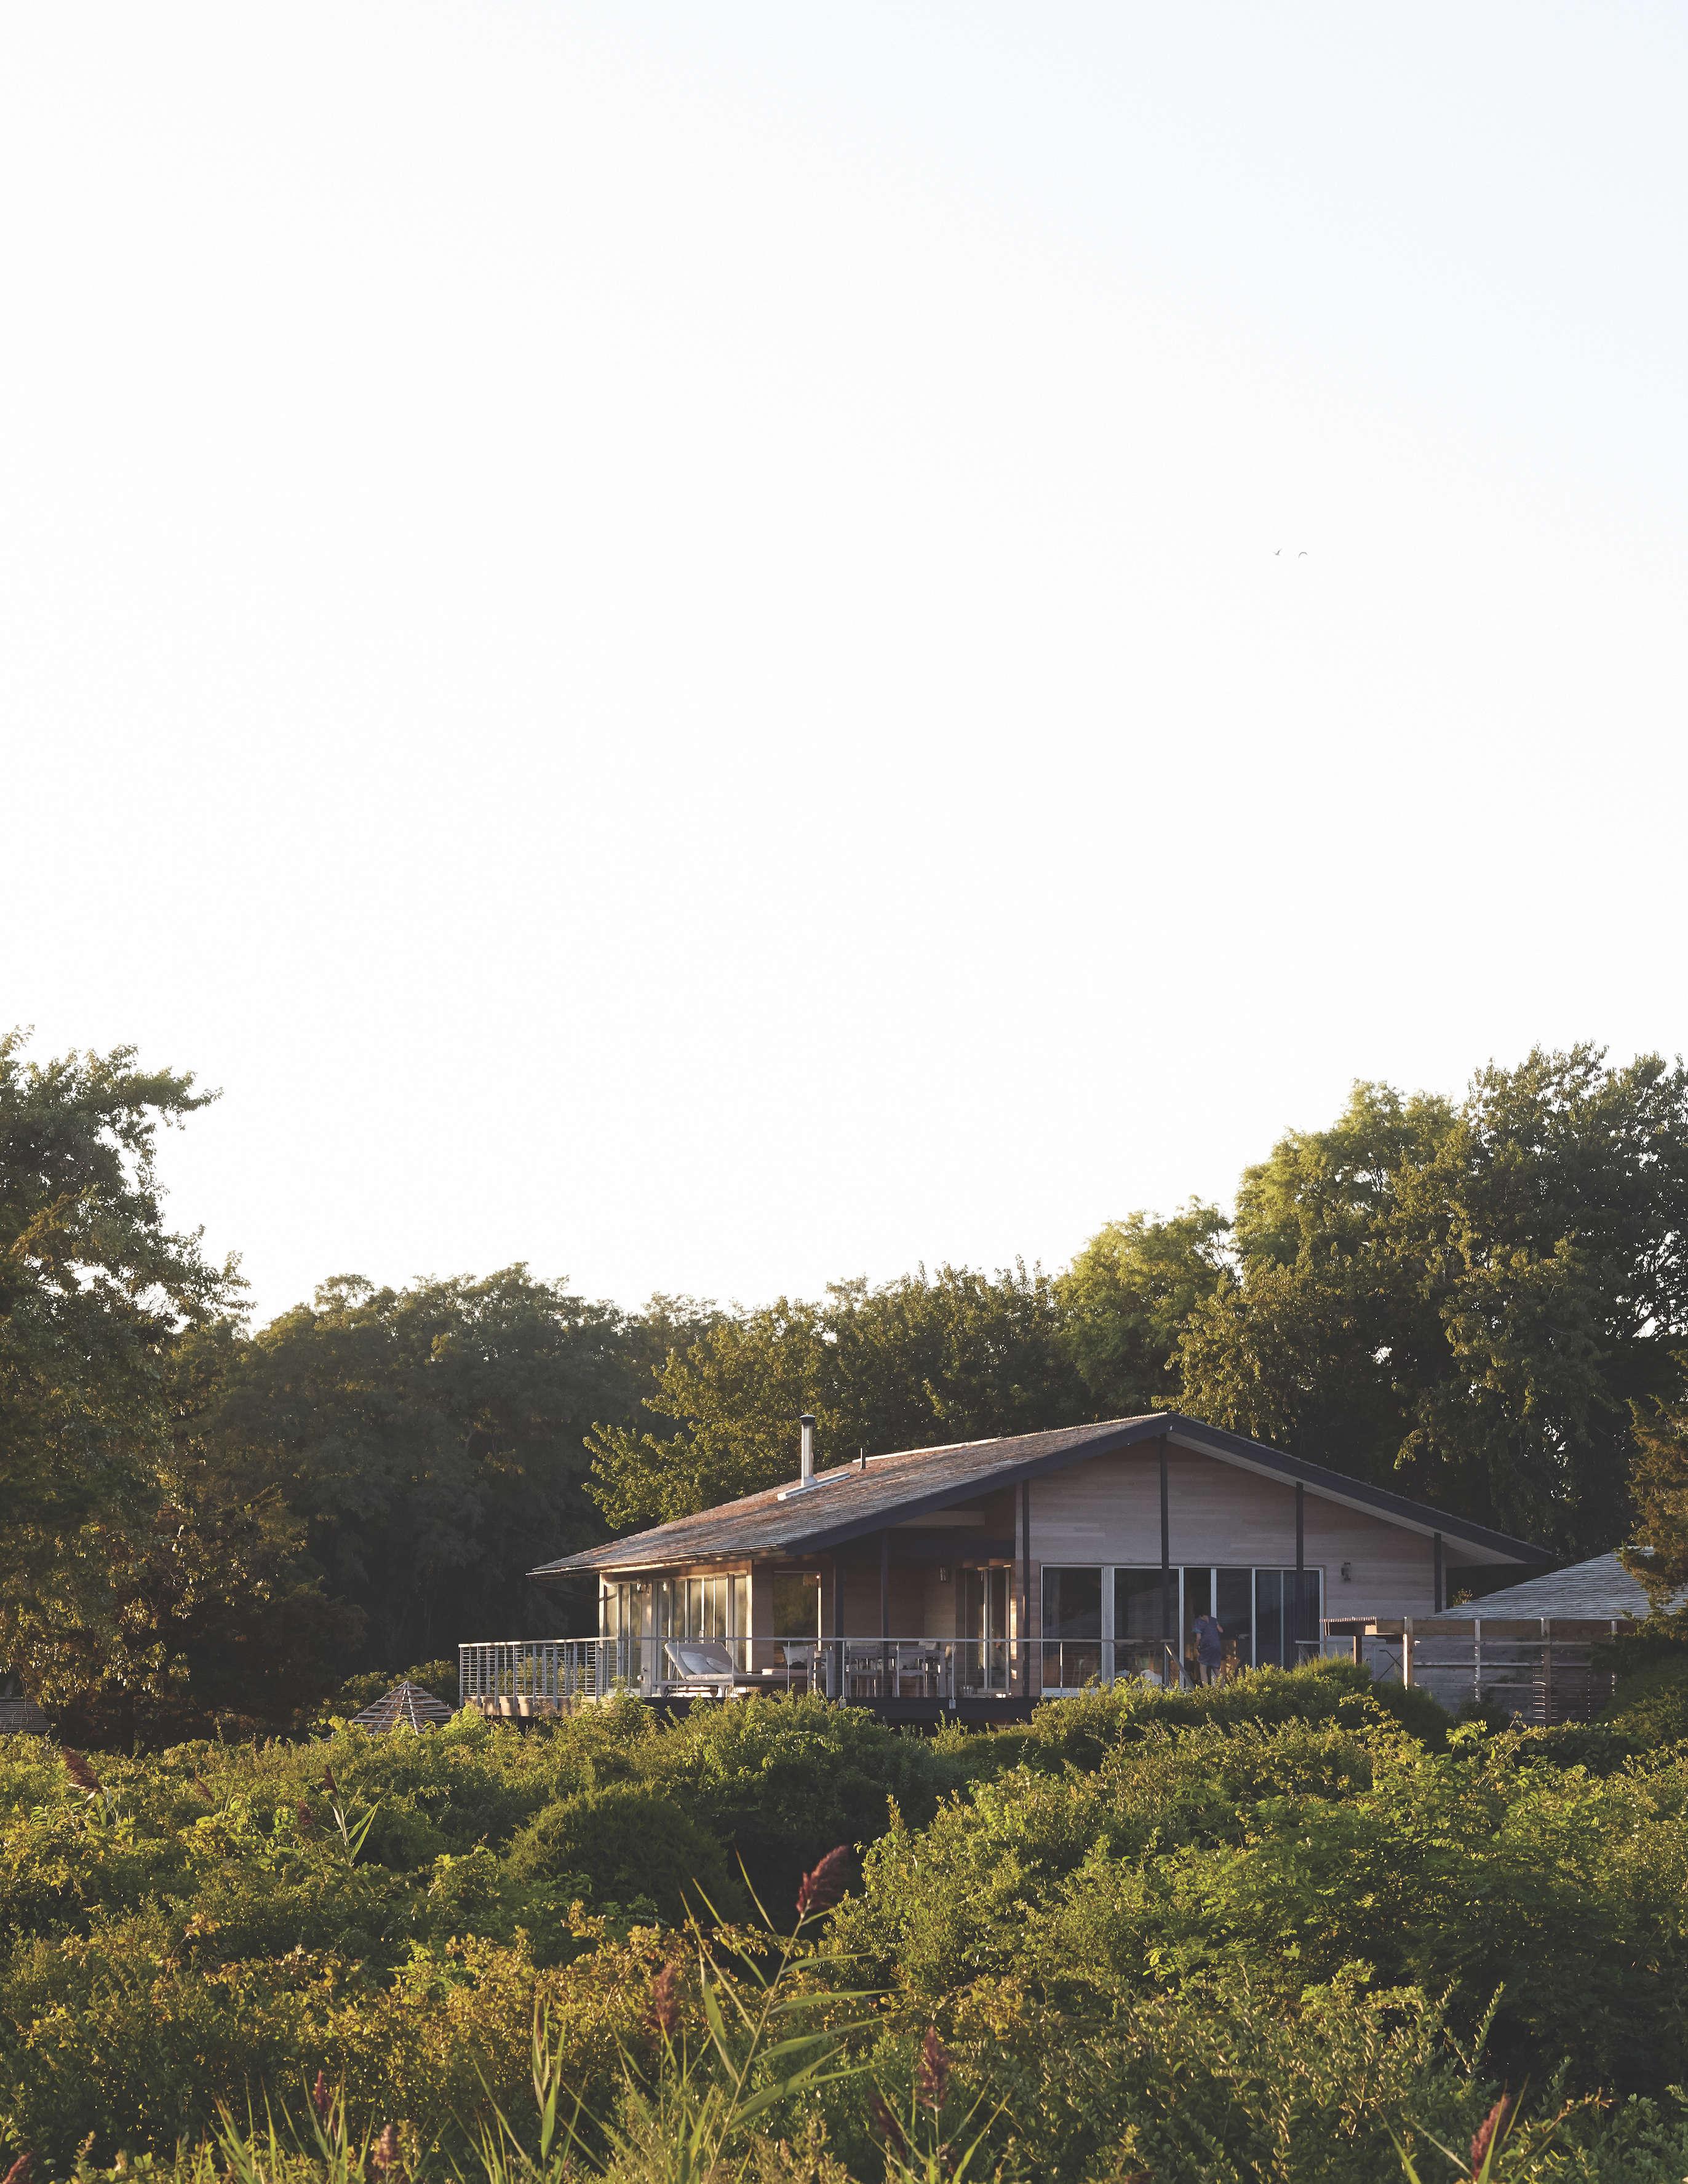 andrew corrie harriet maxwell macdonald shelter island house remodelista 17 24